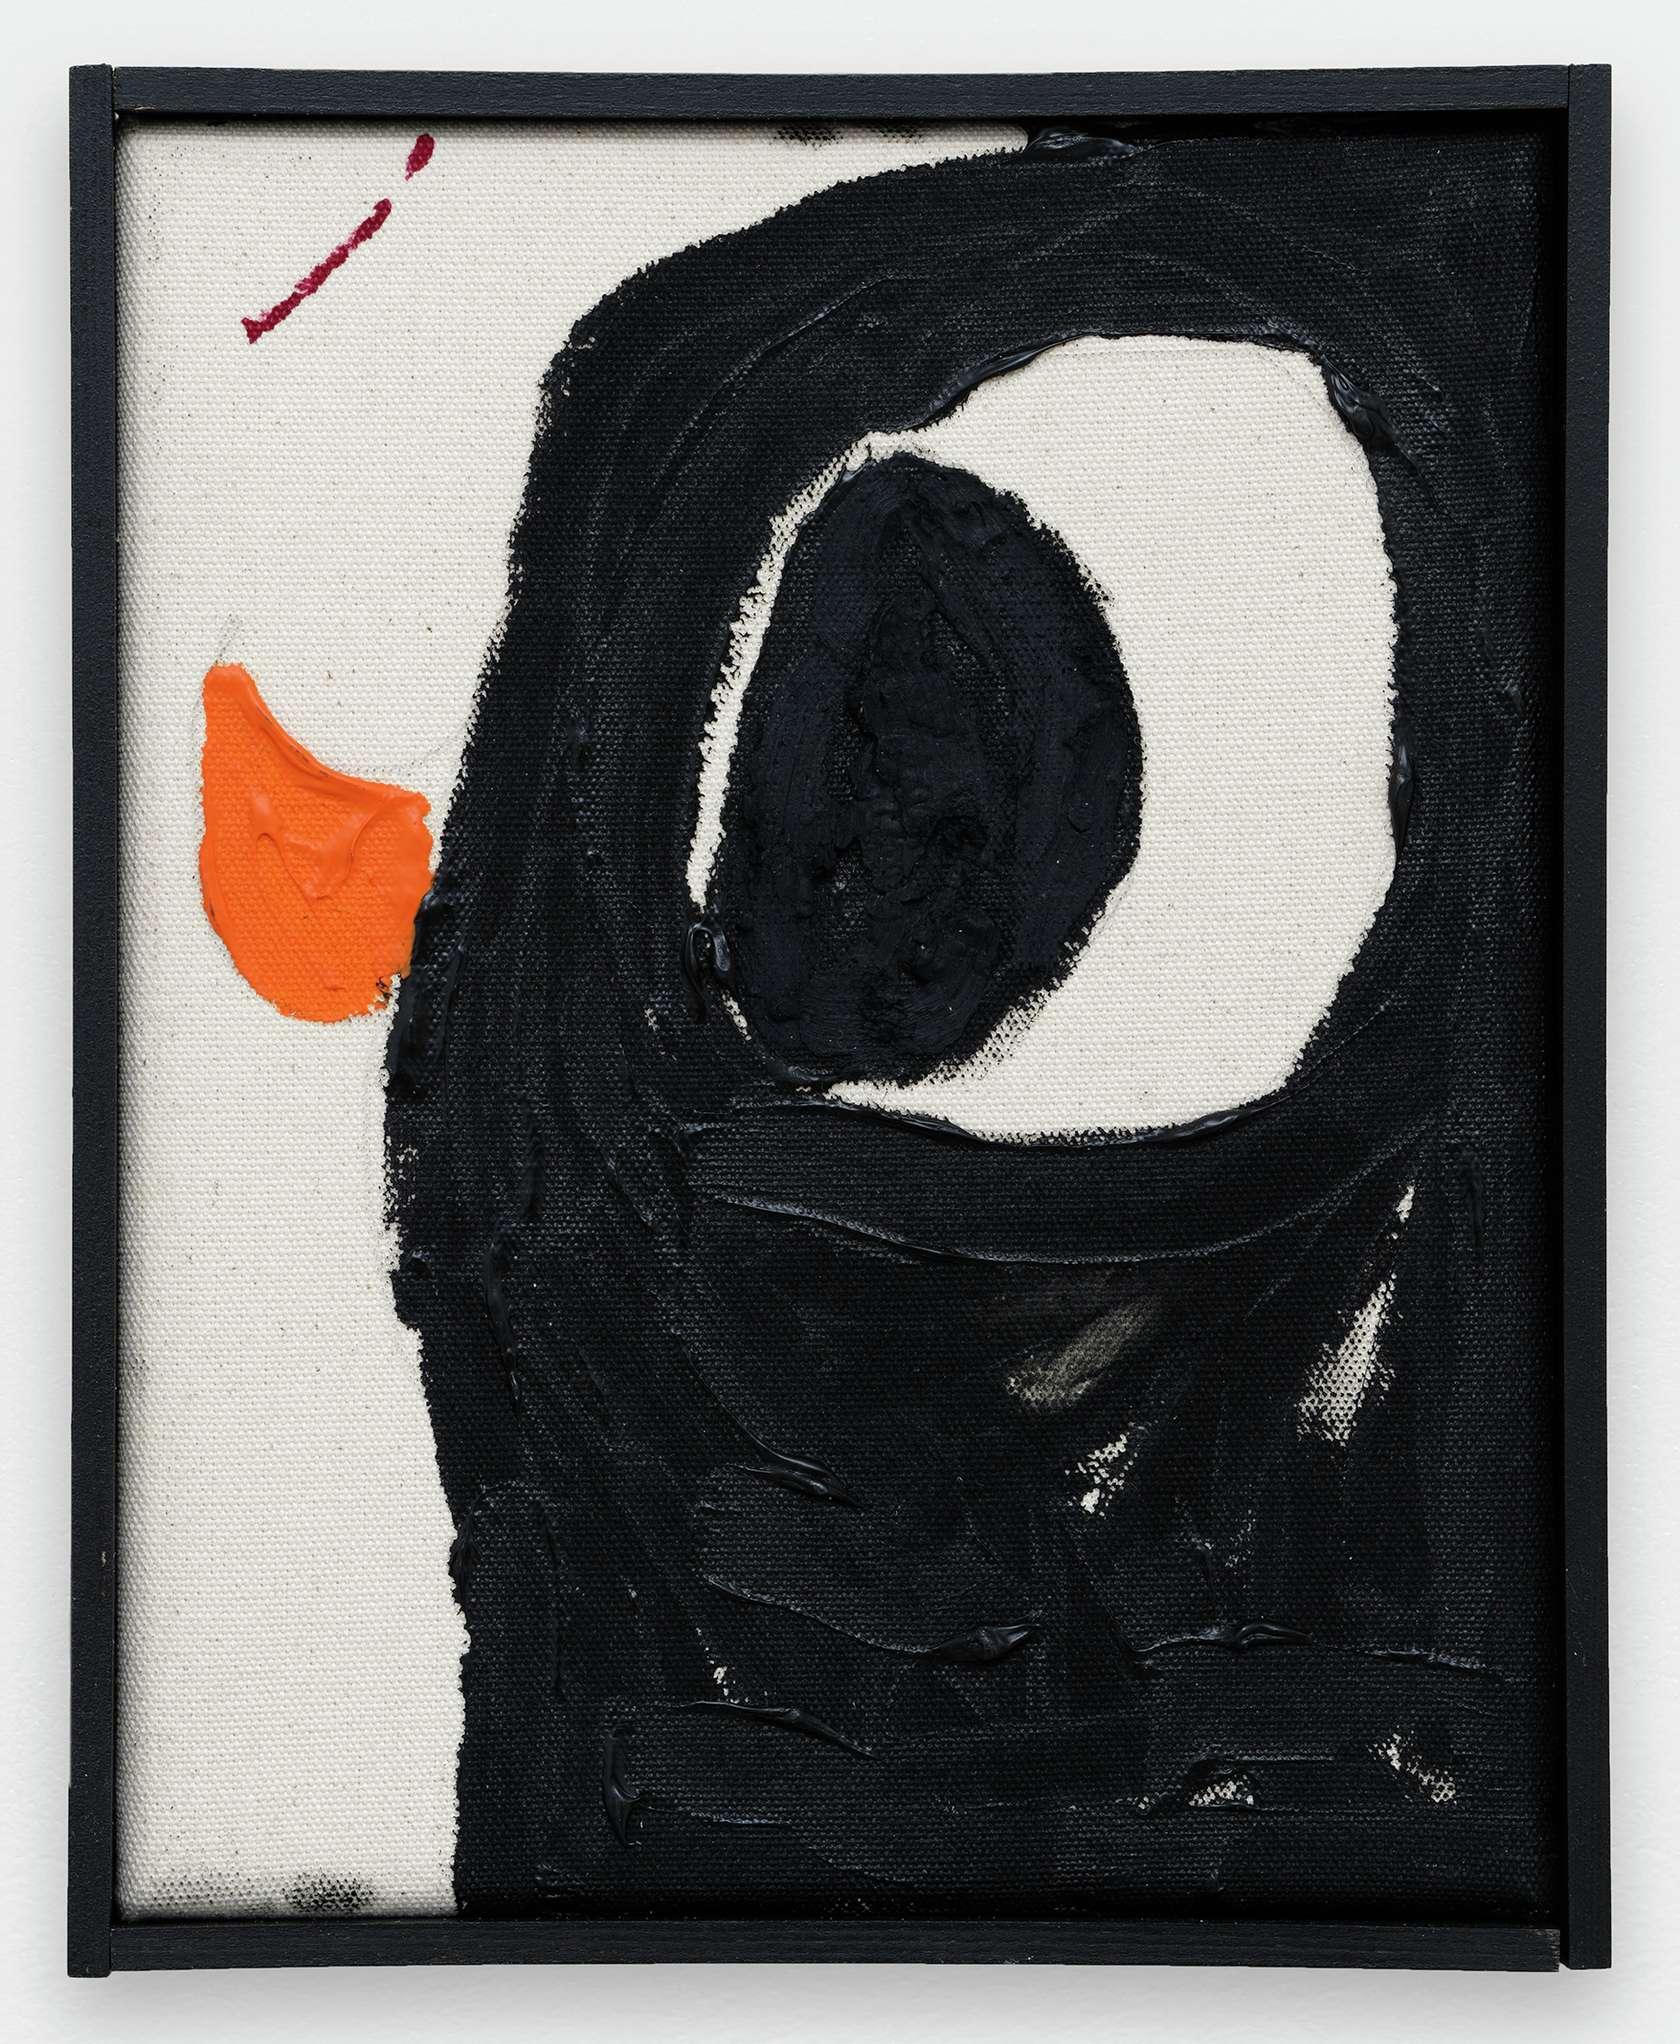 Szabolcs Bozó, Adam, 2020 Acrylique et pastel sur toile25 × 20 cm / 9 7/8 × 7 7/8 in.